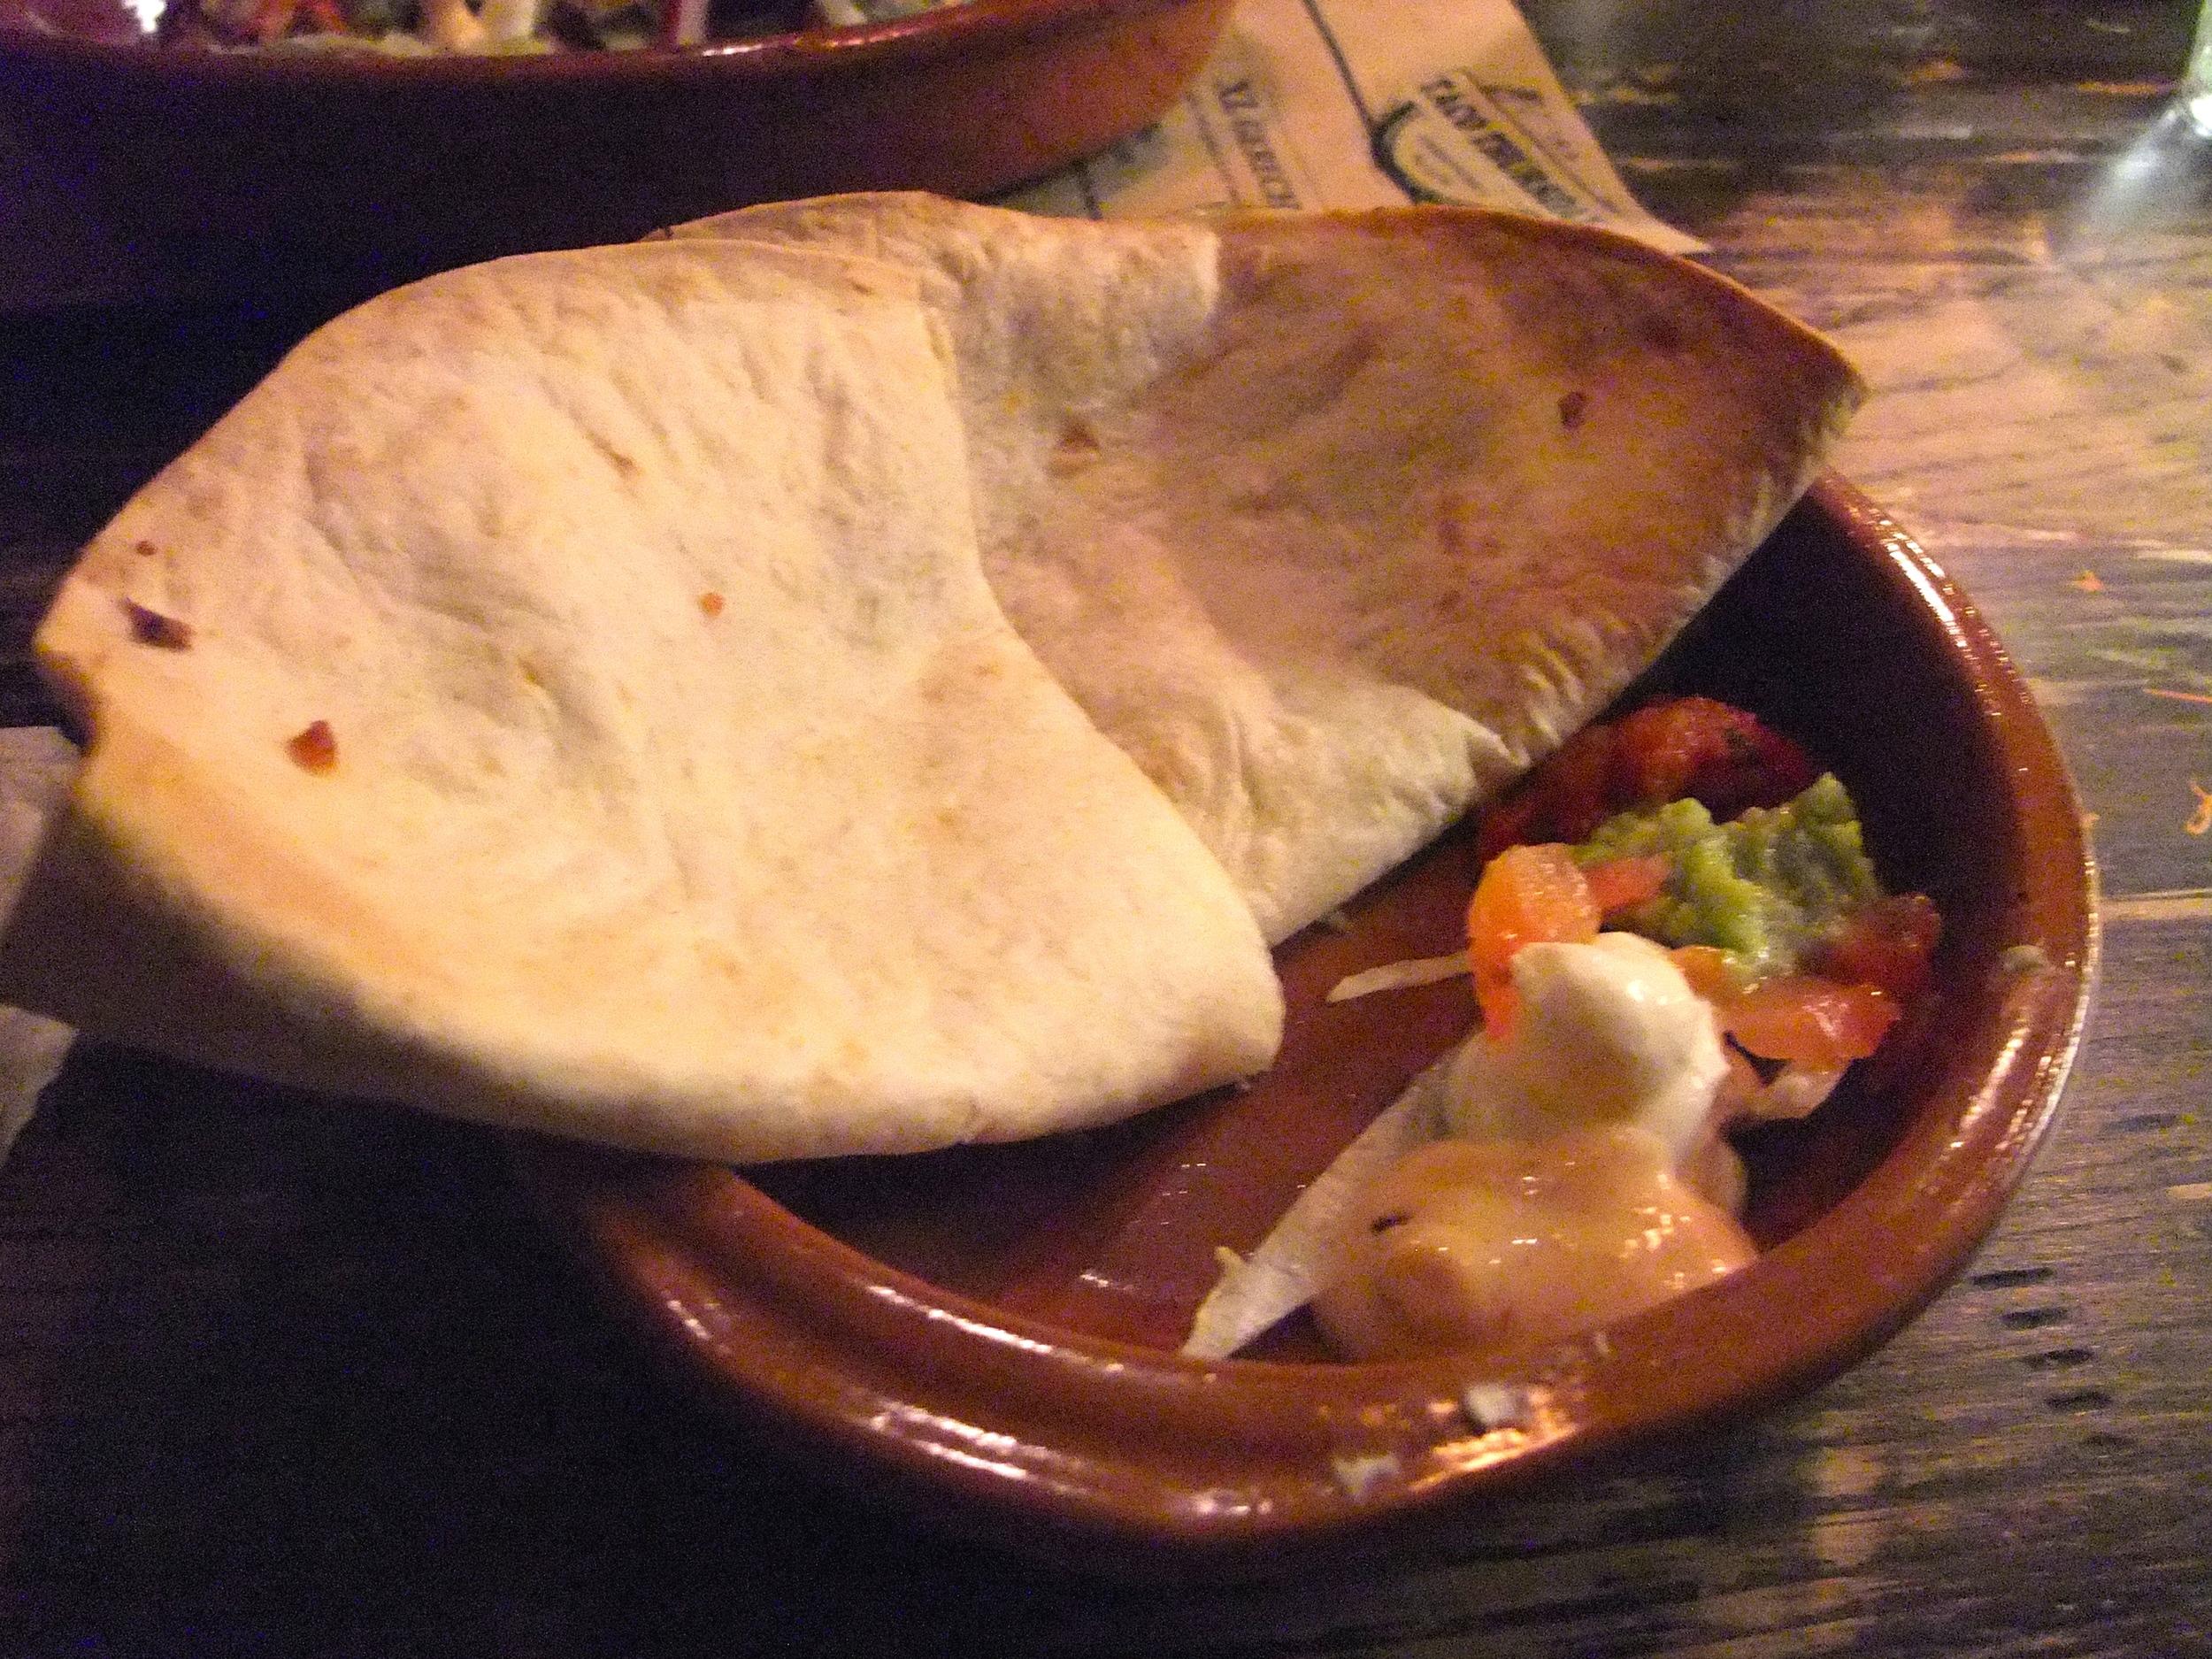 Cheese quesadillas at Cantina